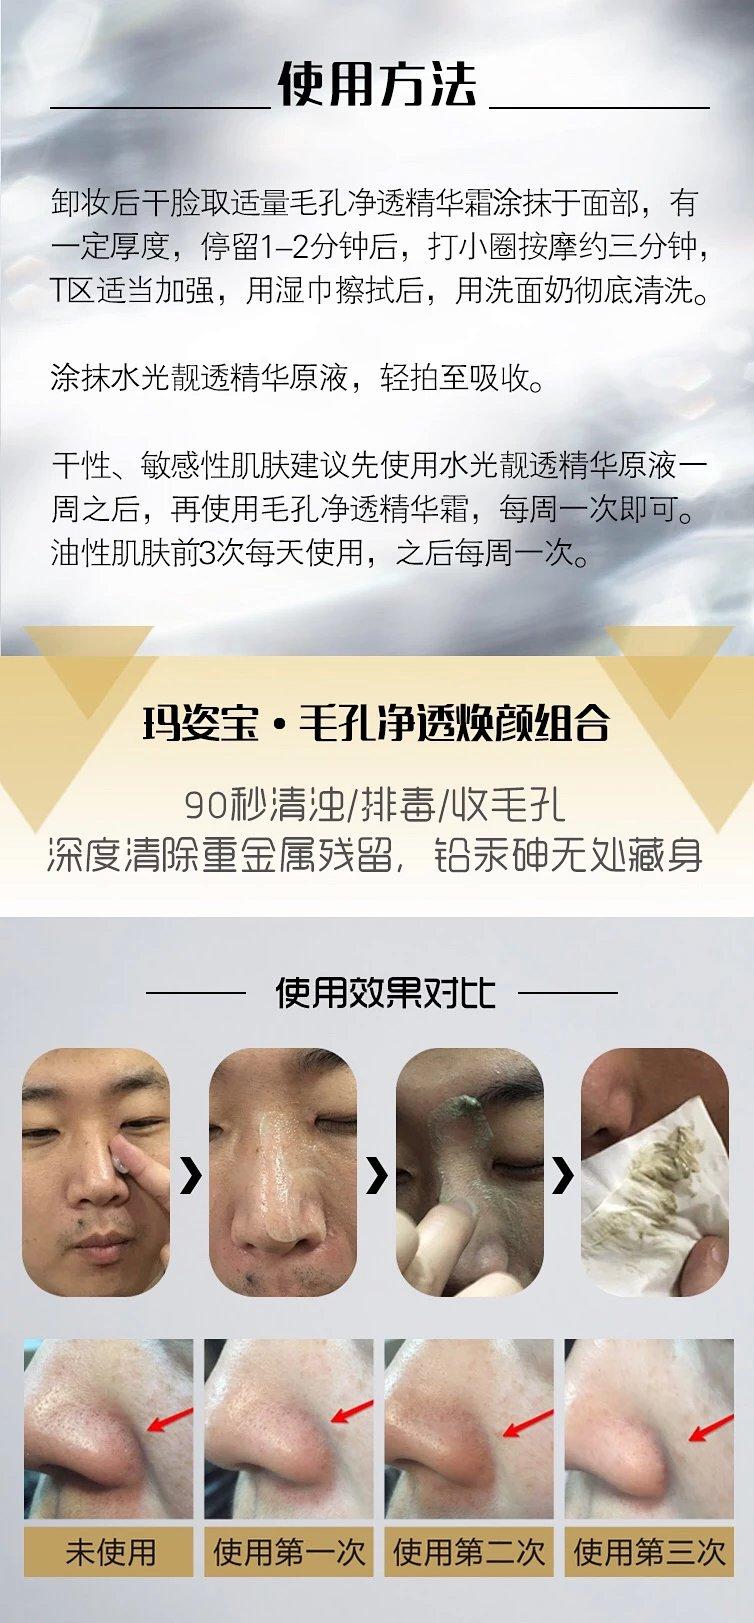 毛孔净透焕颜组合|玛姿宝 — 美妆系列产品-广州玛姿宝生物科技有限公司